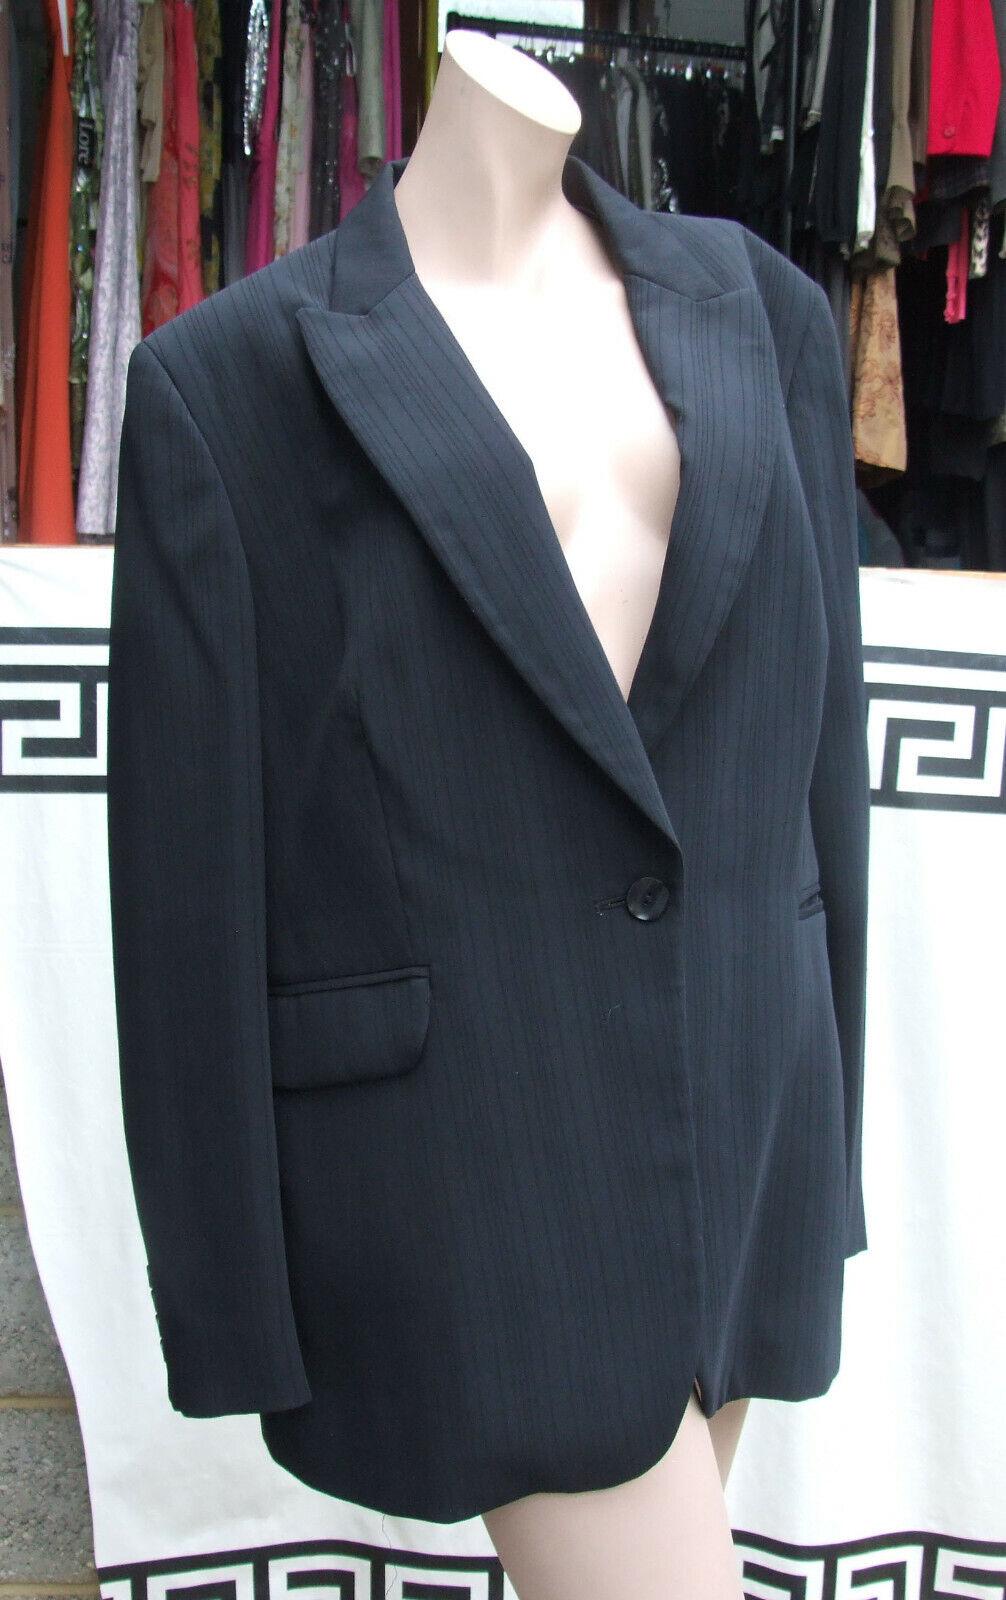 70ae31f14561 M S 18-20 elegante Taglia più PC tuta pantaloni e blazer nero gessato 2 Uk  nrmdcy7518-Tailleur e abiti sartoriali